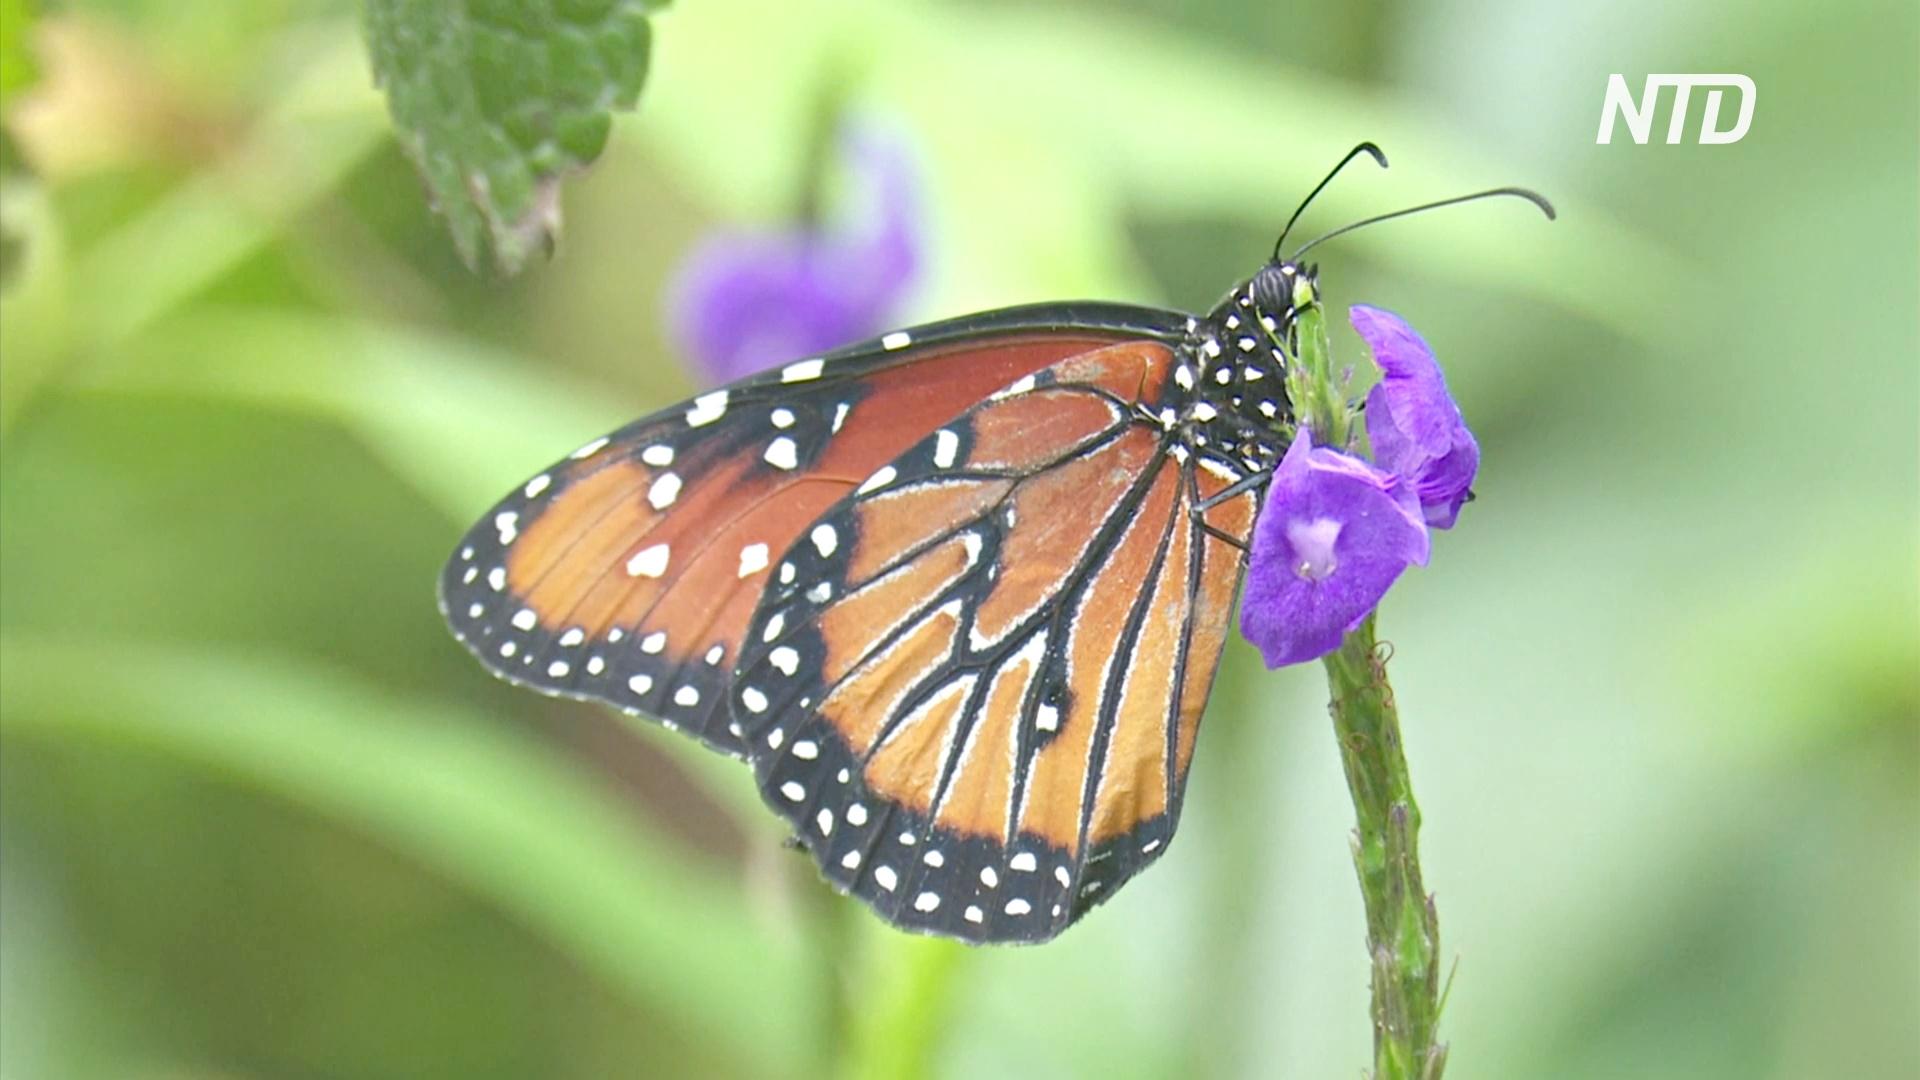 Почему бабочки хрупкие и жизнестойкие одновременно